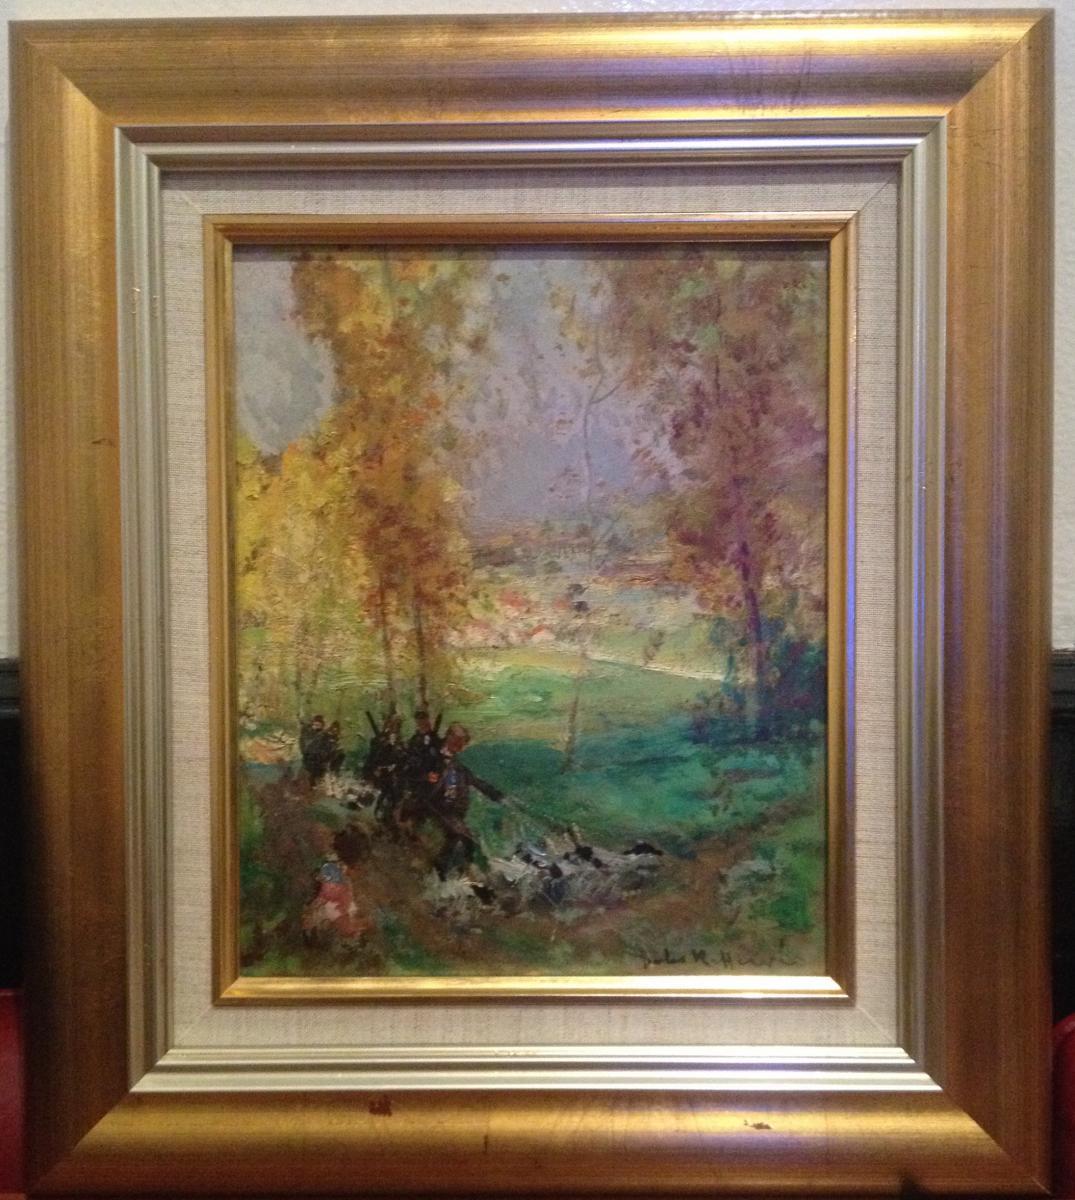 Jules René Hervé, Scène De Chasse Finement Observée, huile sur carton, 40,5 x 35,5 cm, signé